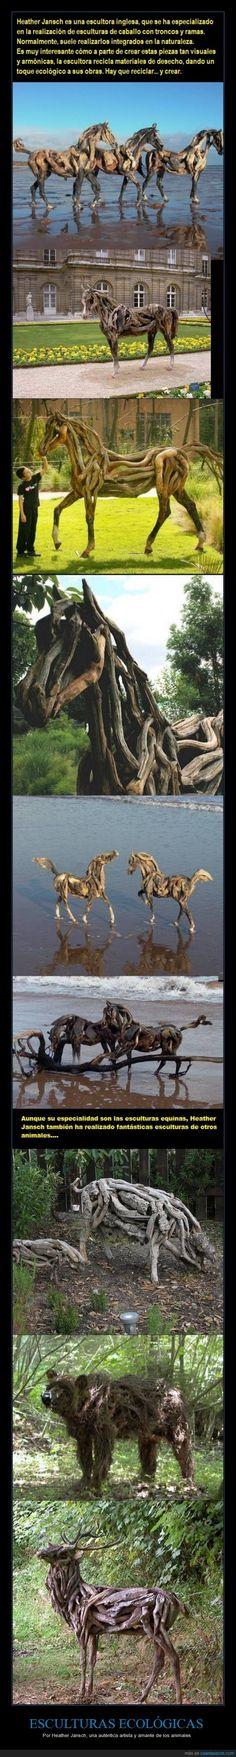 Troncos y animales, combinación muy recomendable - Por Heather Jansch, una auténtica artista y amante de los animales